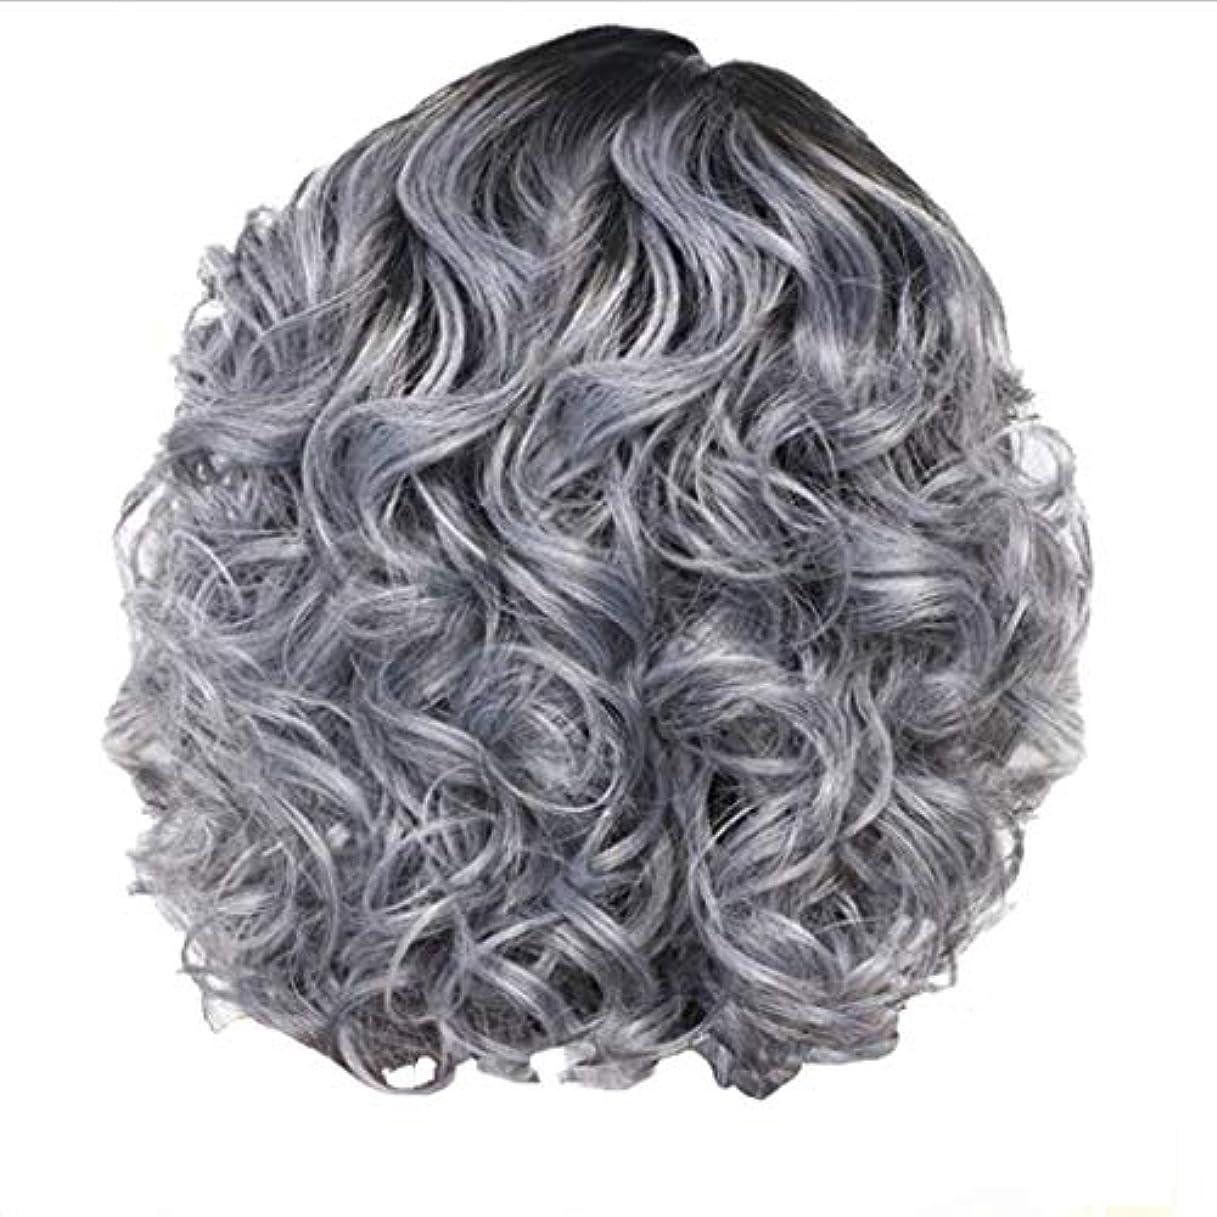 フィードバック喜ぶ慣れるかつら女性の短い巻き毛シルバーグレーレトロ巻き毛ネット30 cm